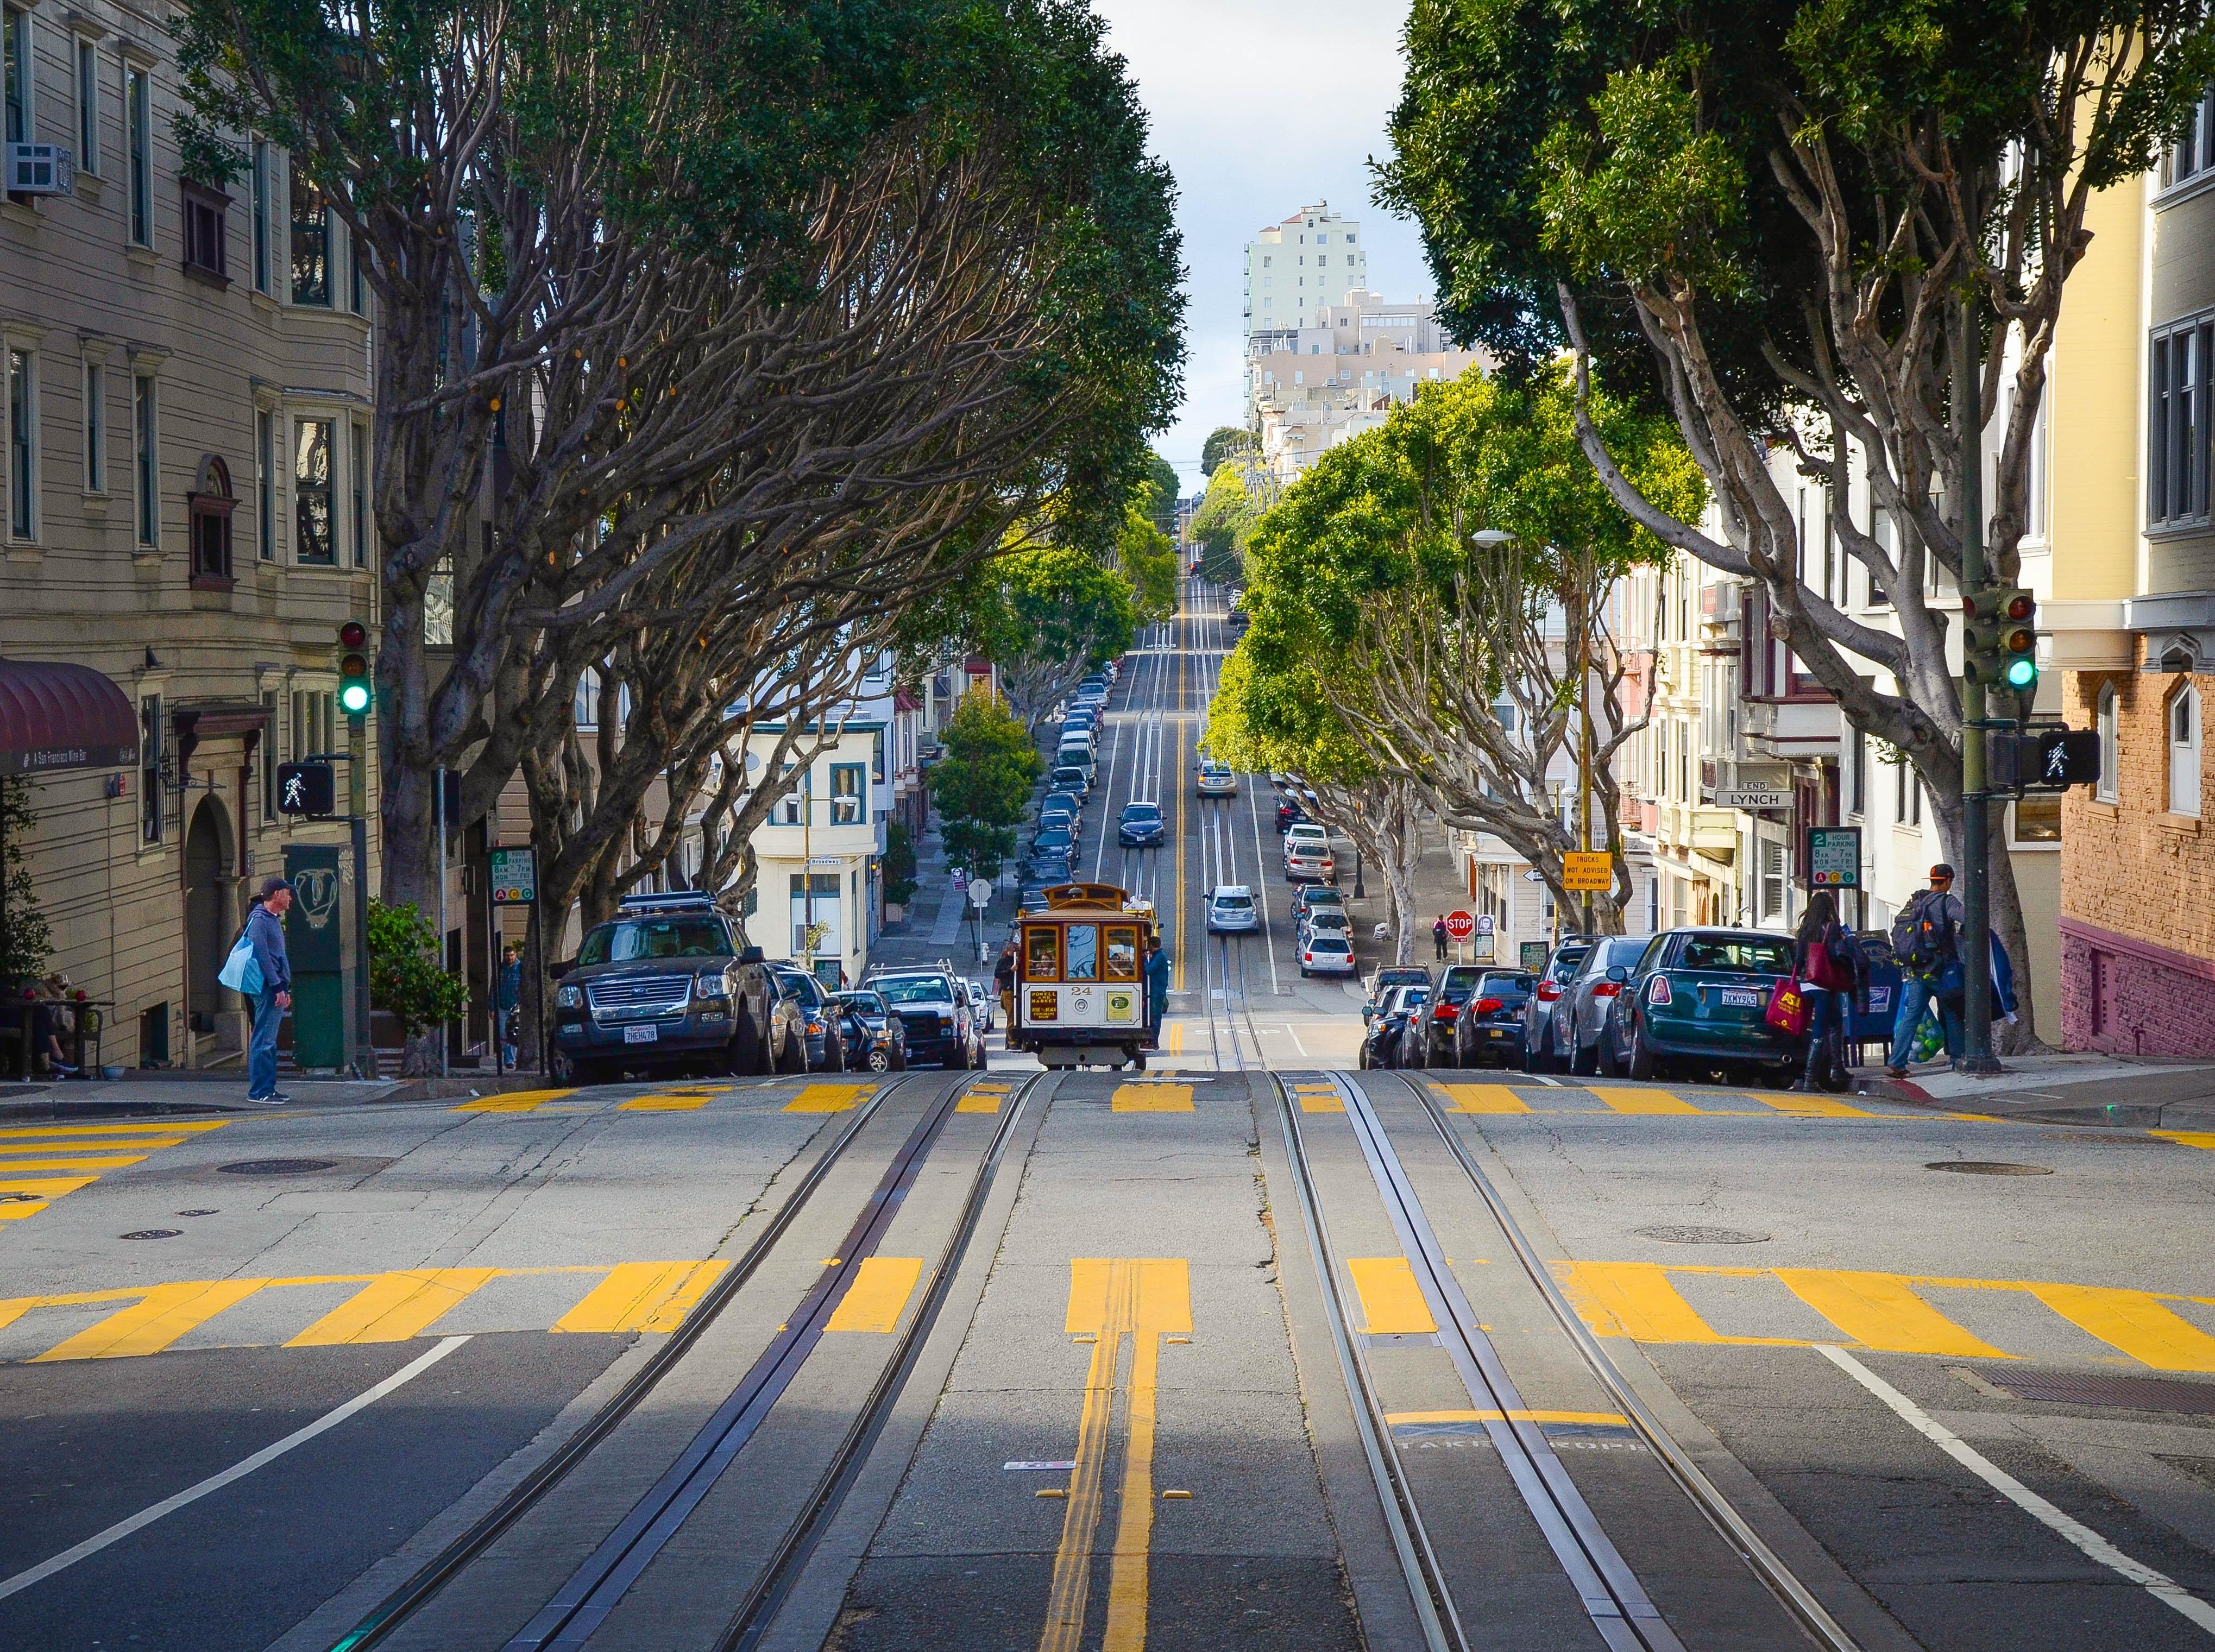 family-friendly San Diego, visit San Diego, San Diego trolleys